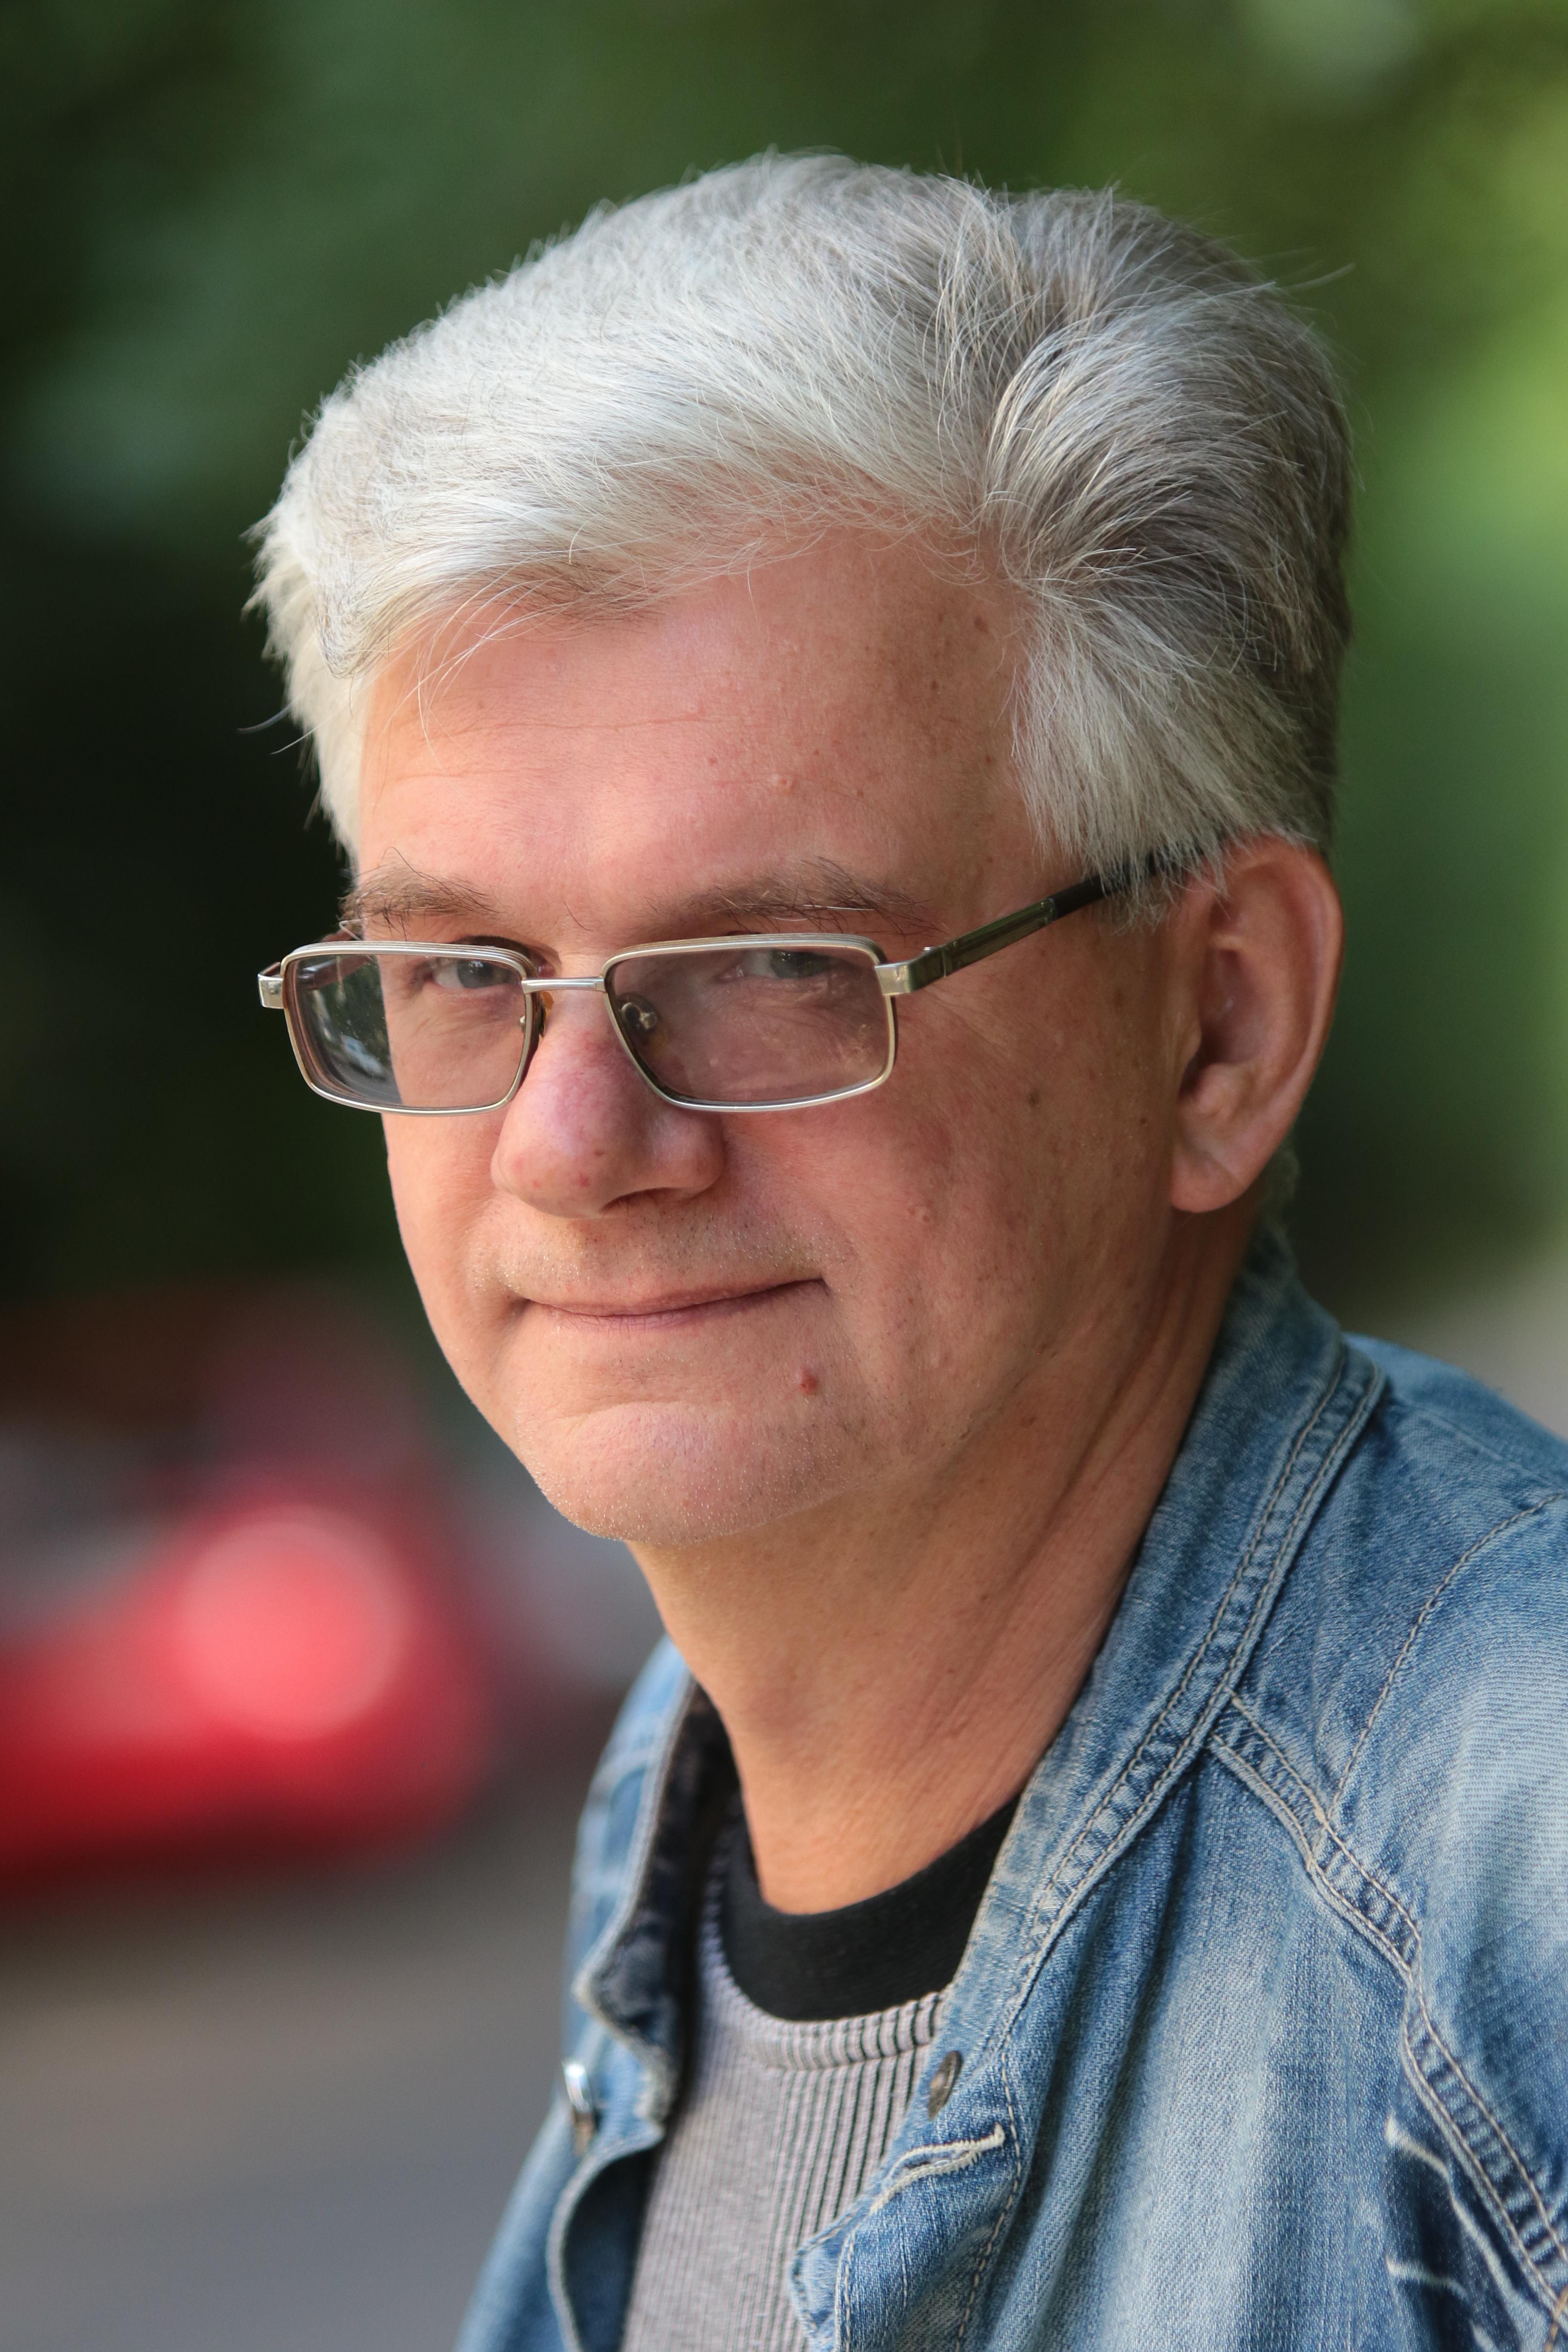 Іван Лучук - український письменник, паліндромоніст, один із засновників літературних угруповань «Лугосад» та «Геракліт», вчений. Львів, 4 липня 2018